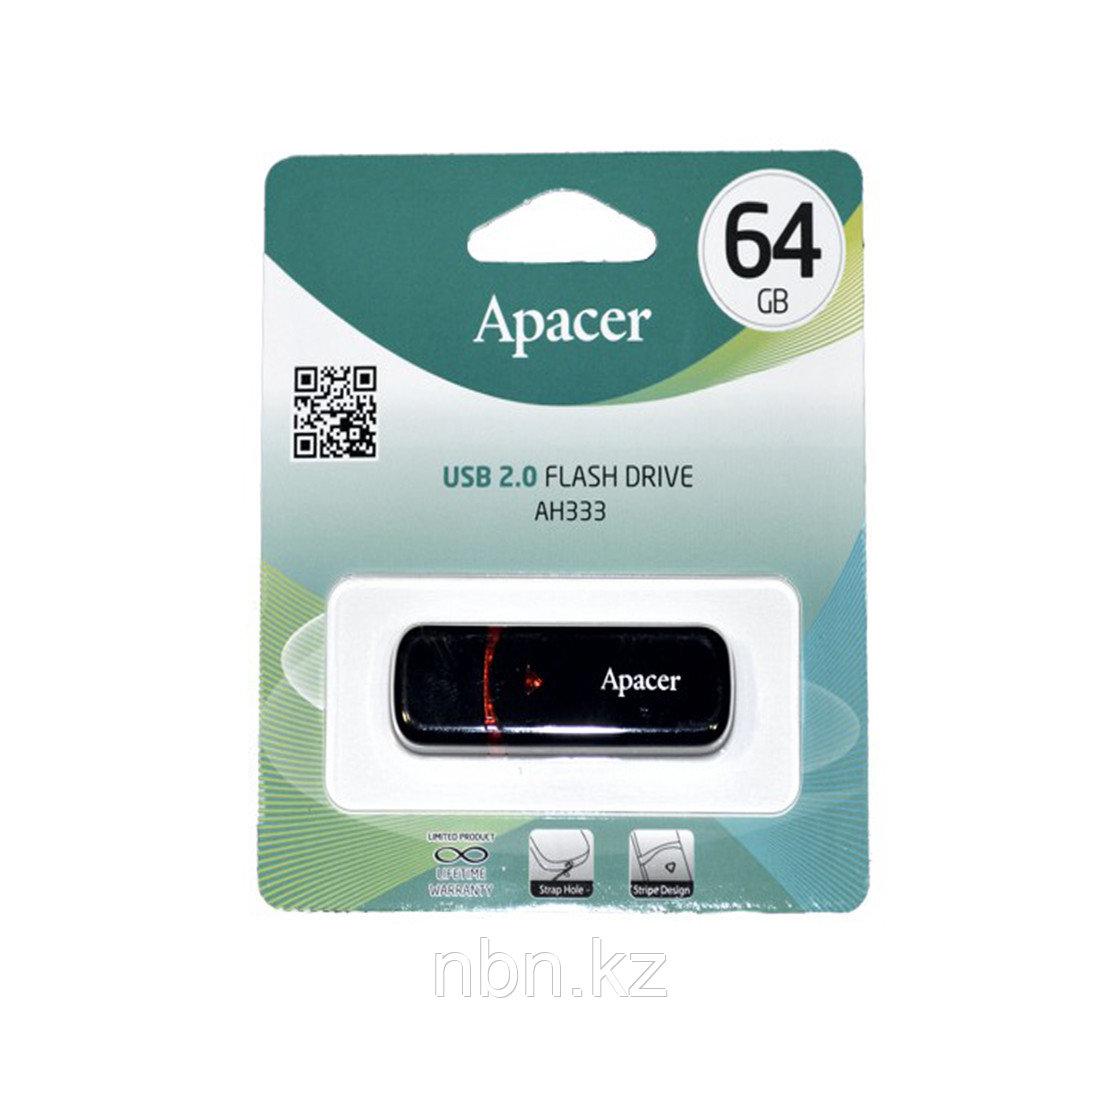 USB-накопитель Apacer AH333 64GB Чёрный - фото 3